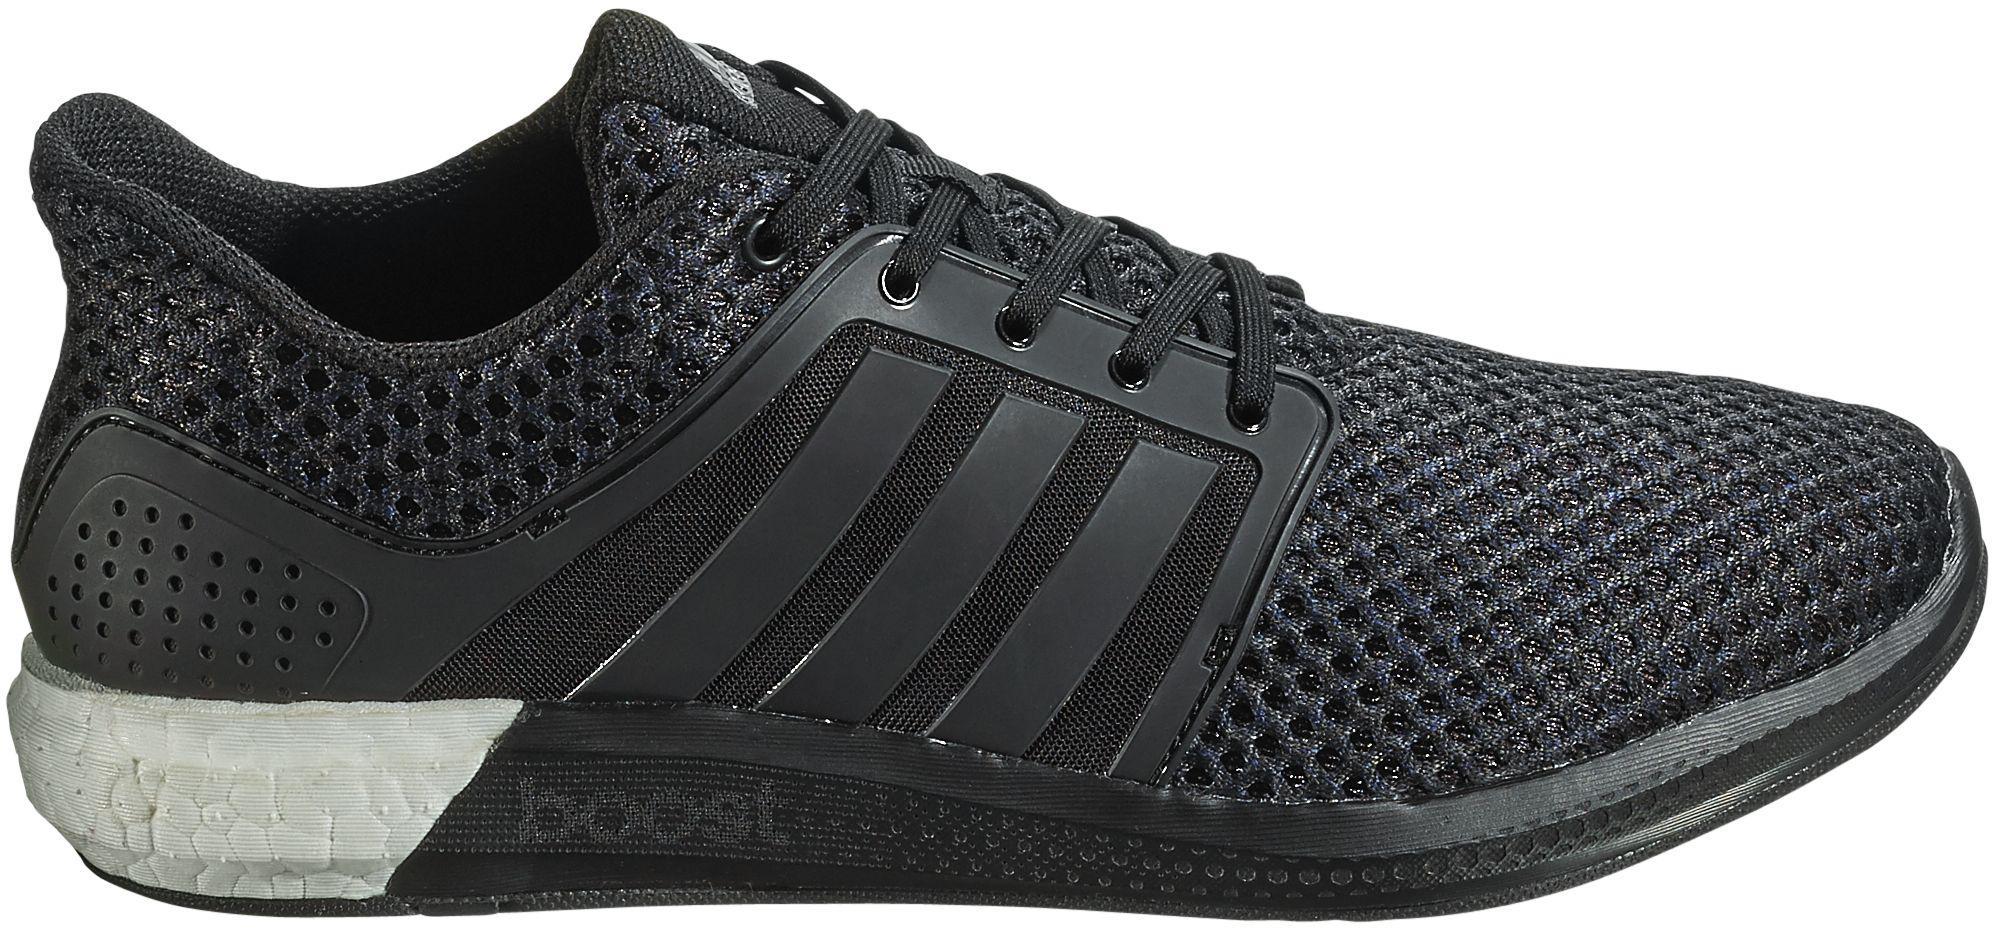 lyst adidas originali solare spinta scarpe da corsa in nero per gli uomini.